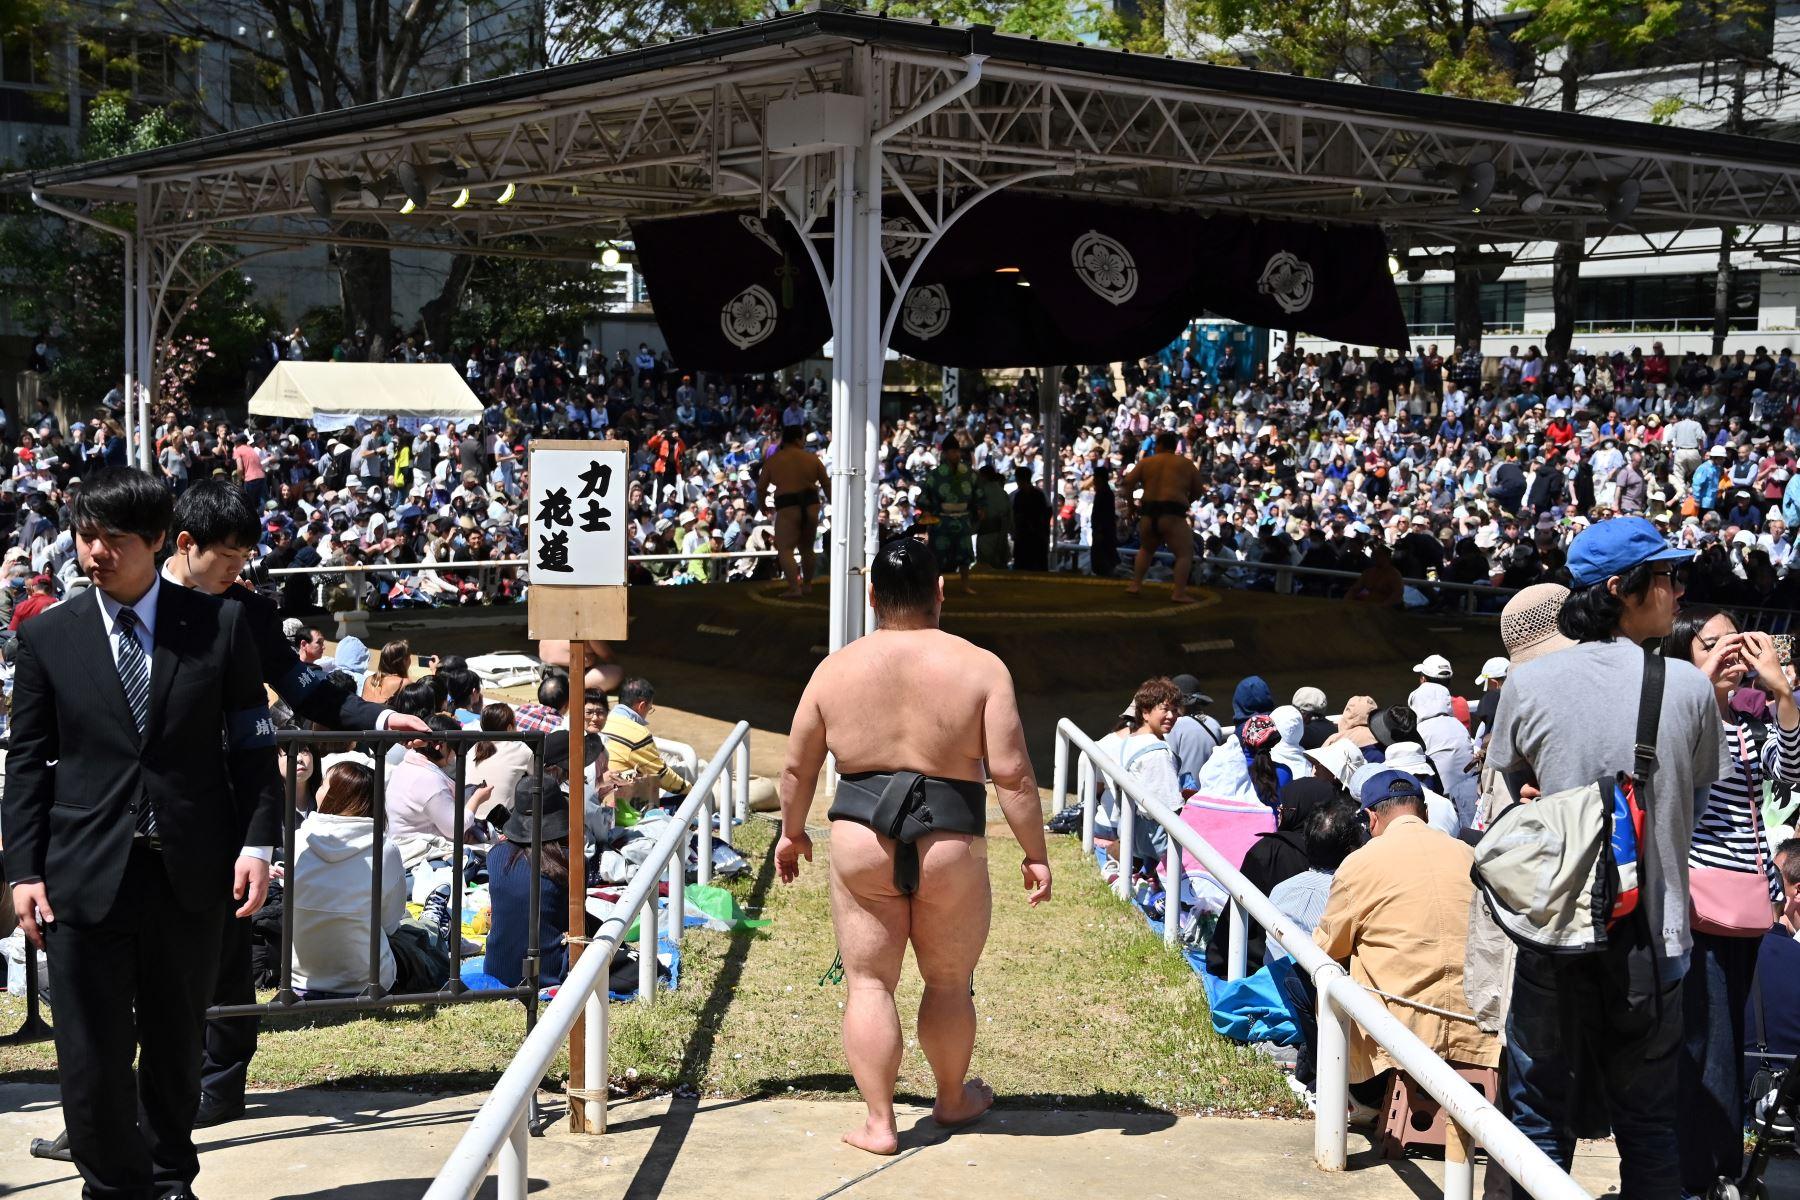 """Los luchadores de sumo participan en un """"honozumo"""", una exhibición ceremonial de sumo, en los terrenos del Santuario Yasukuni en Tokio. Foto: AFP"""